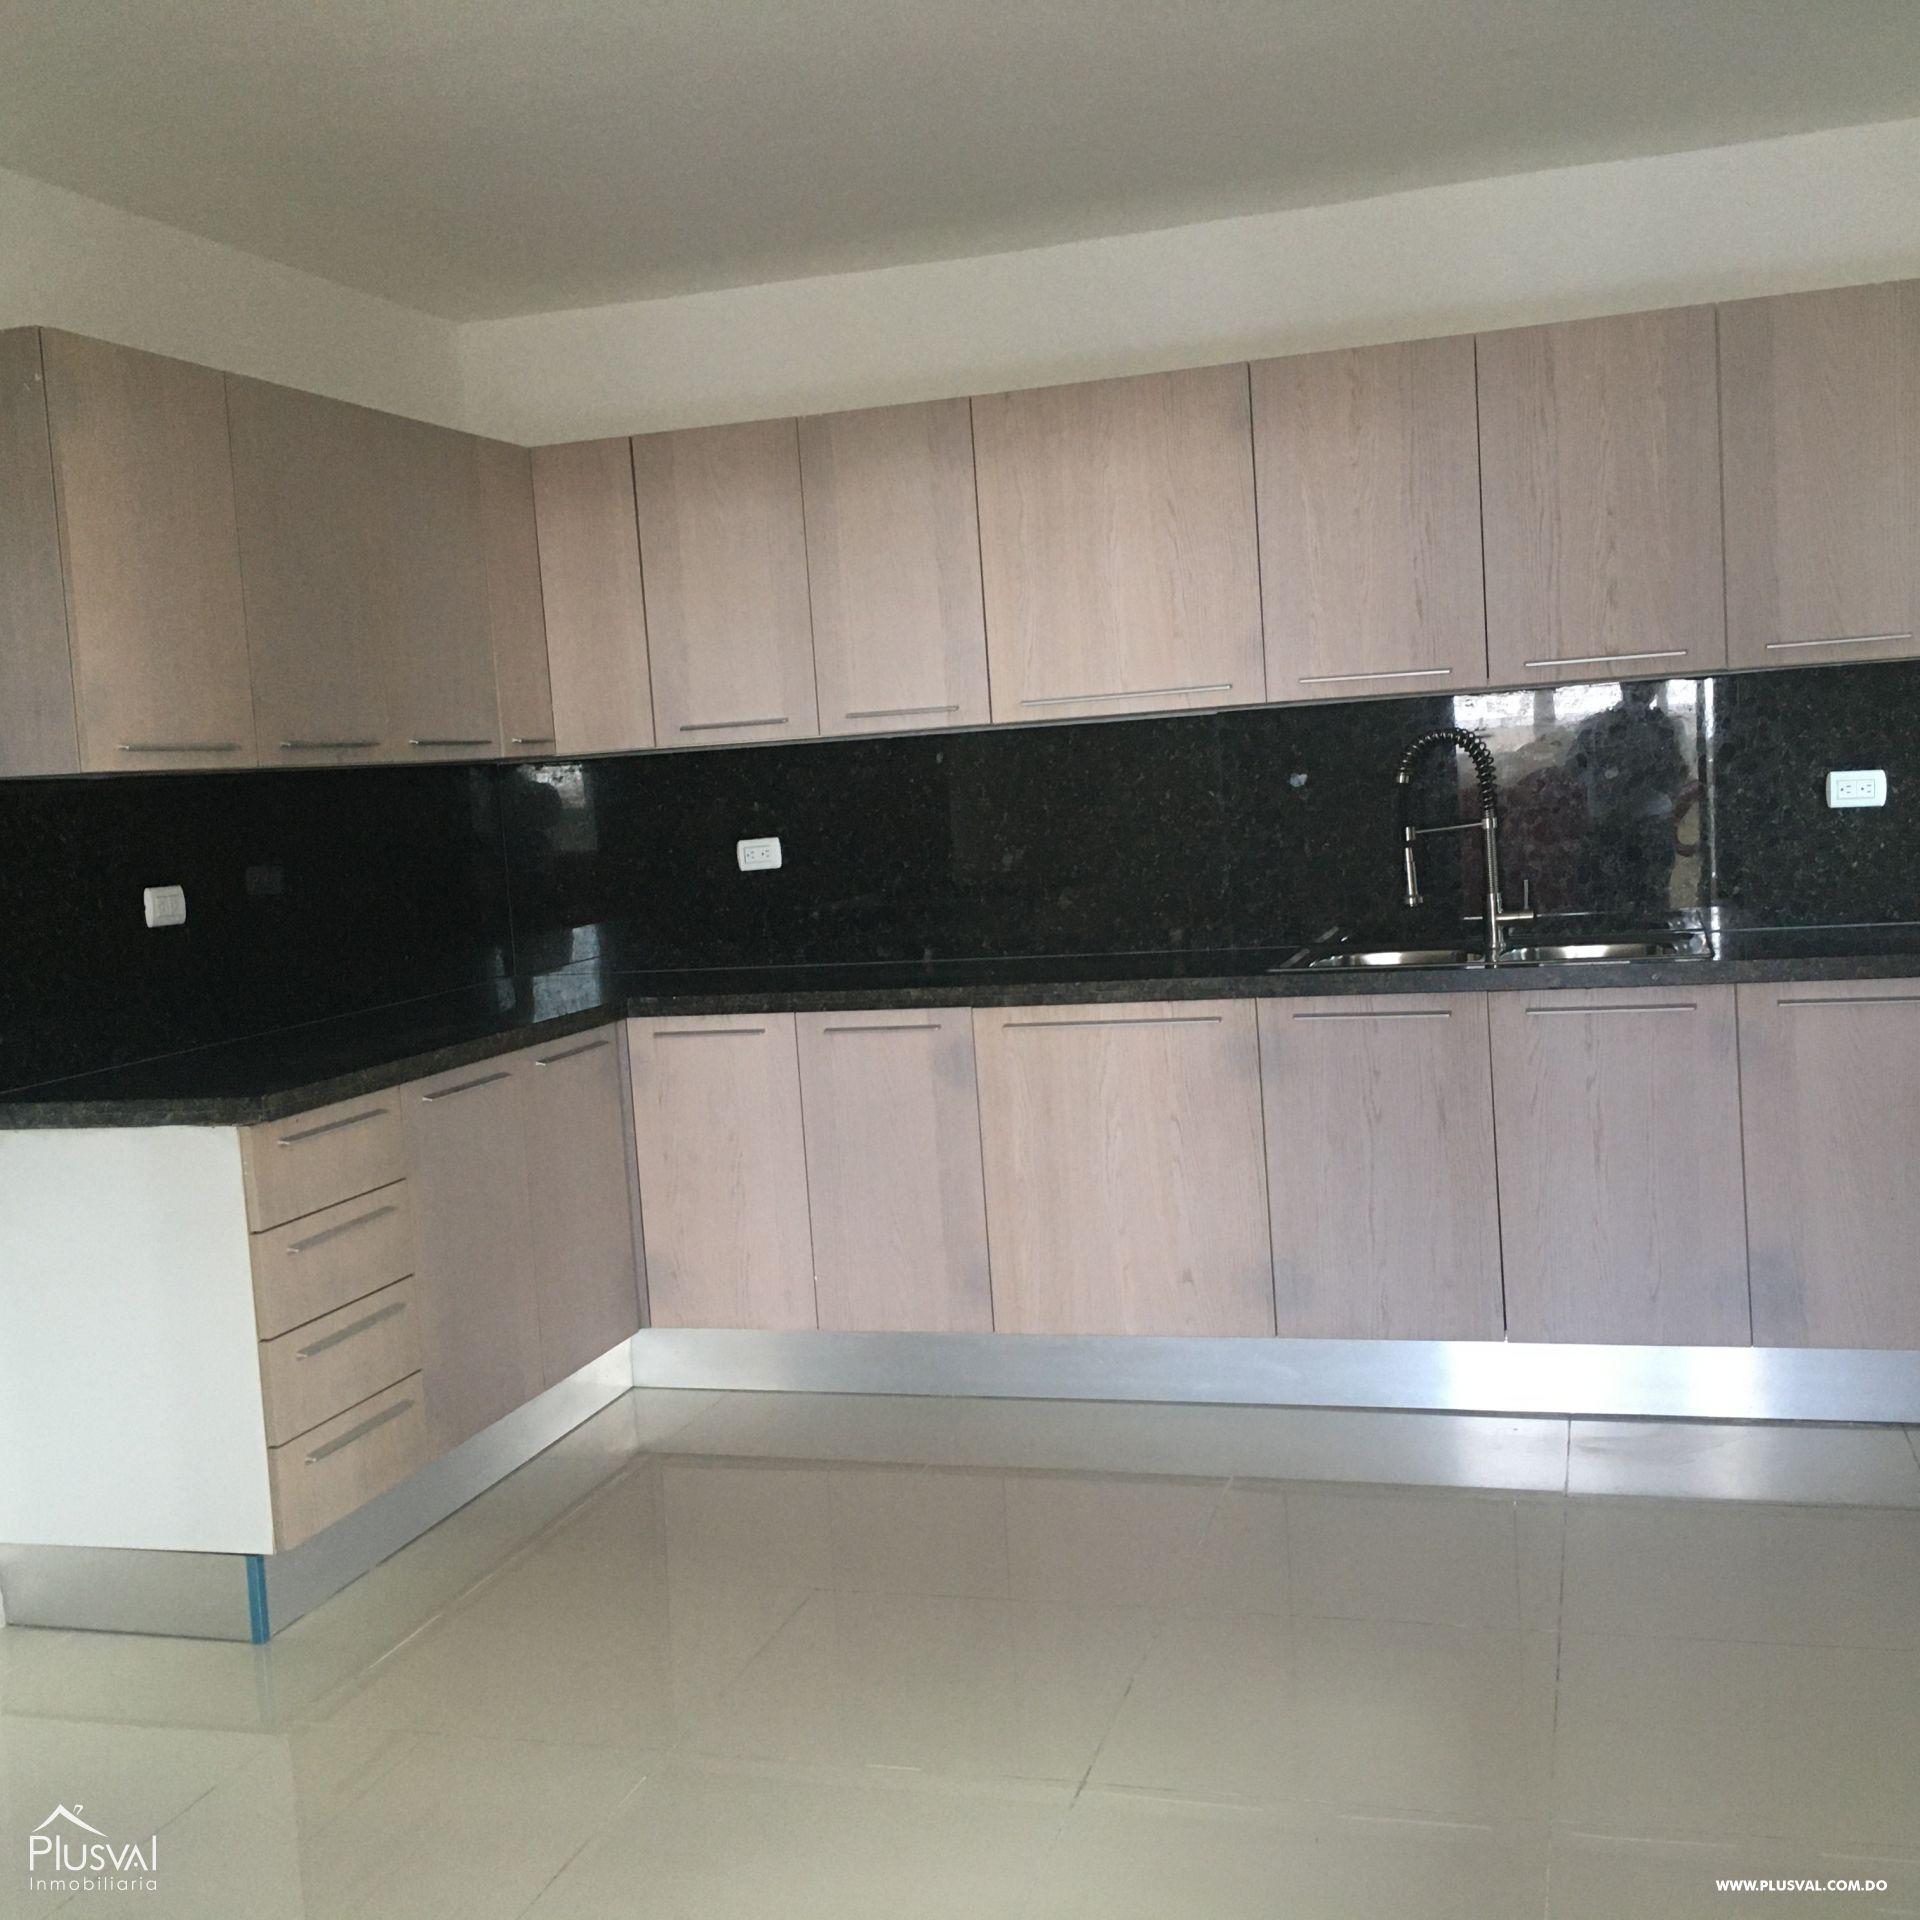 Penthouse en venta, Mirador Norte 169501